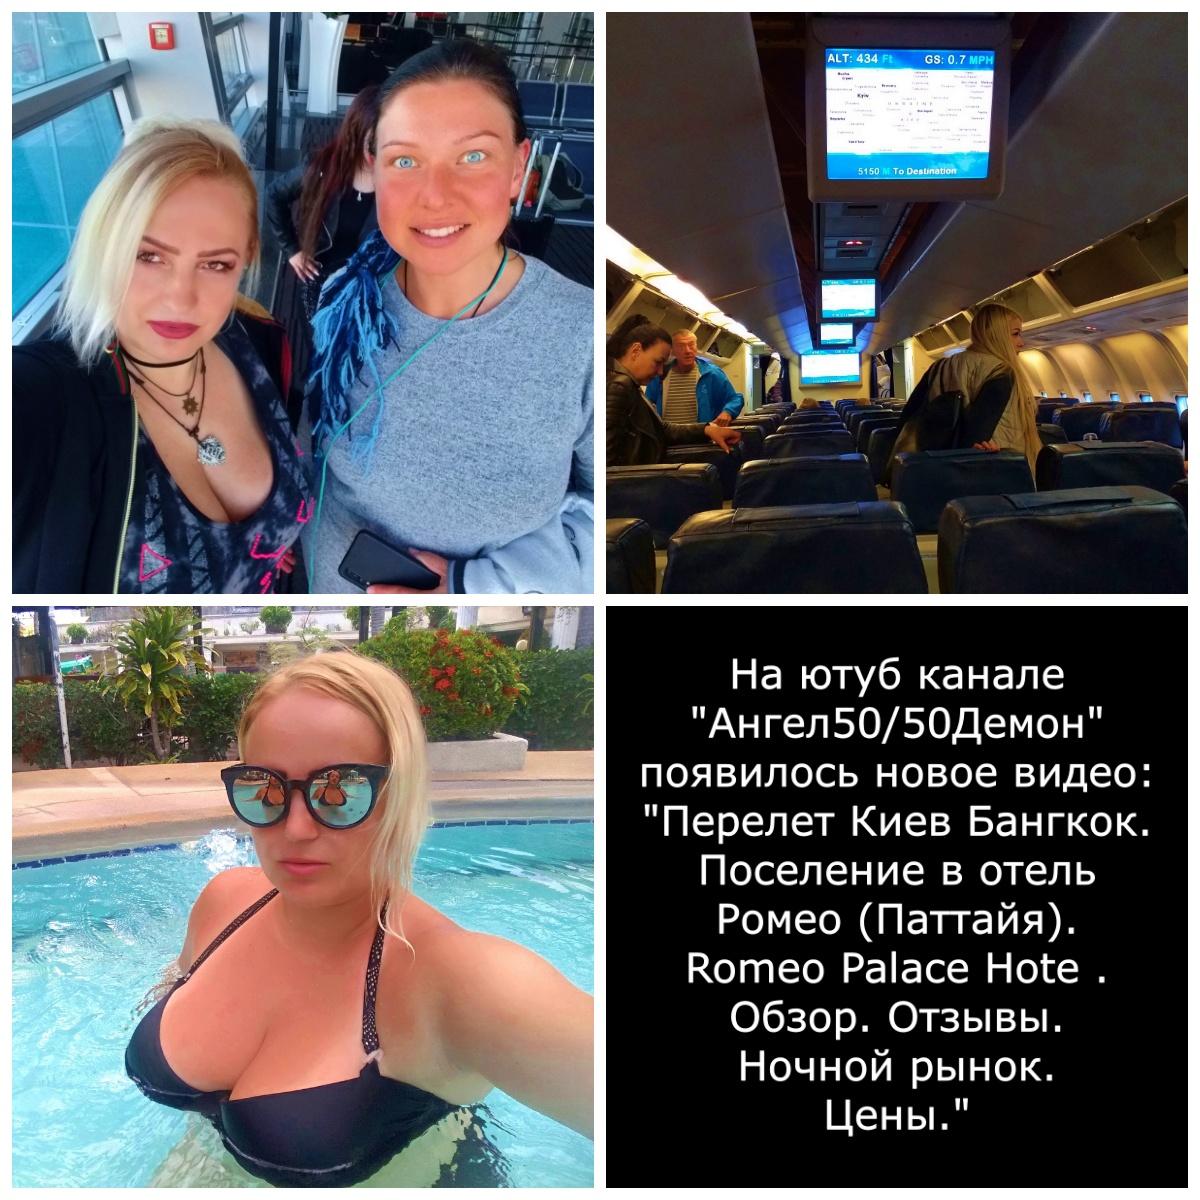 путешествие - Интересные места в которых я побывала (Елена Руденко). 0VPusiN3RSU